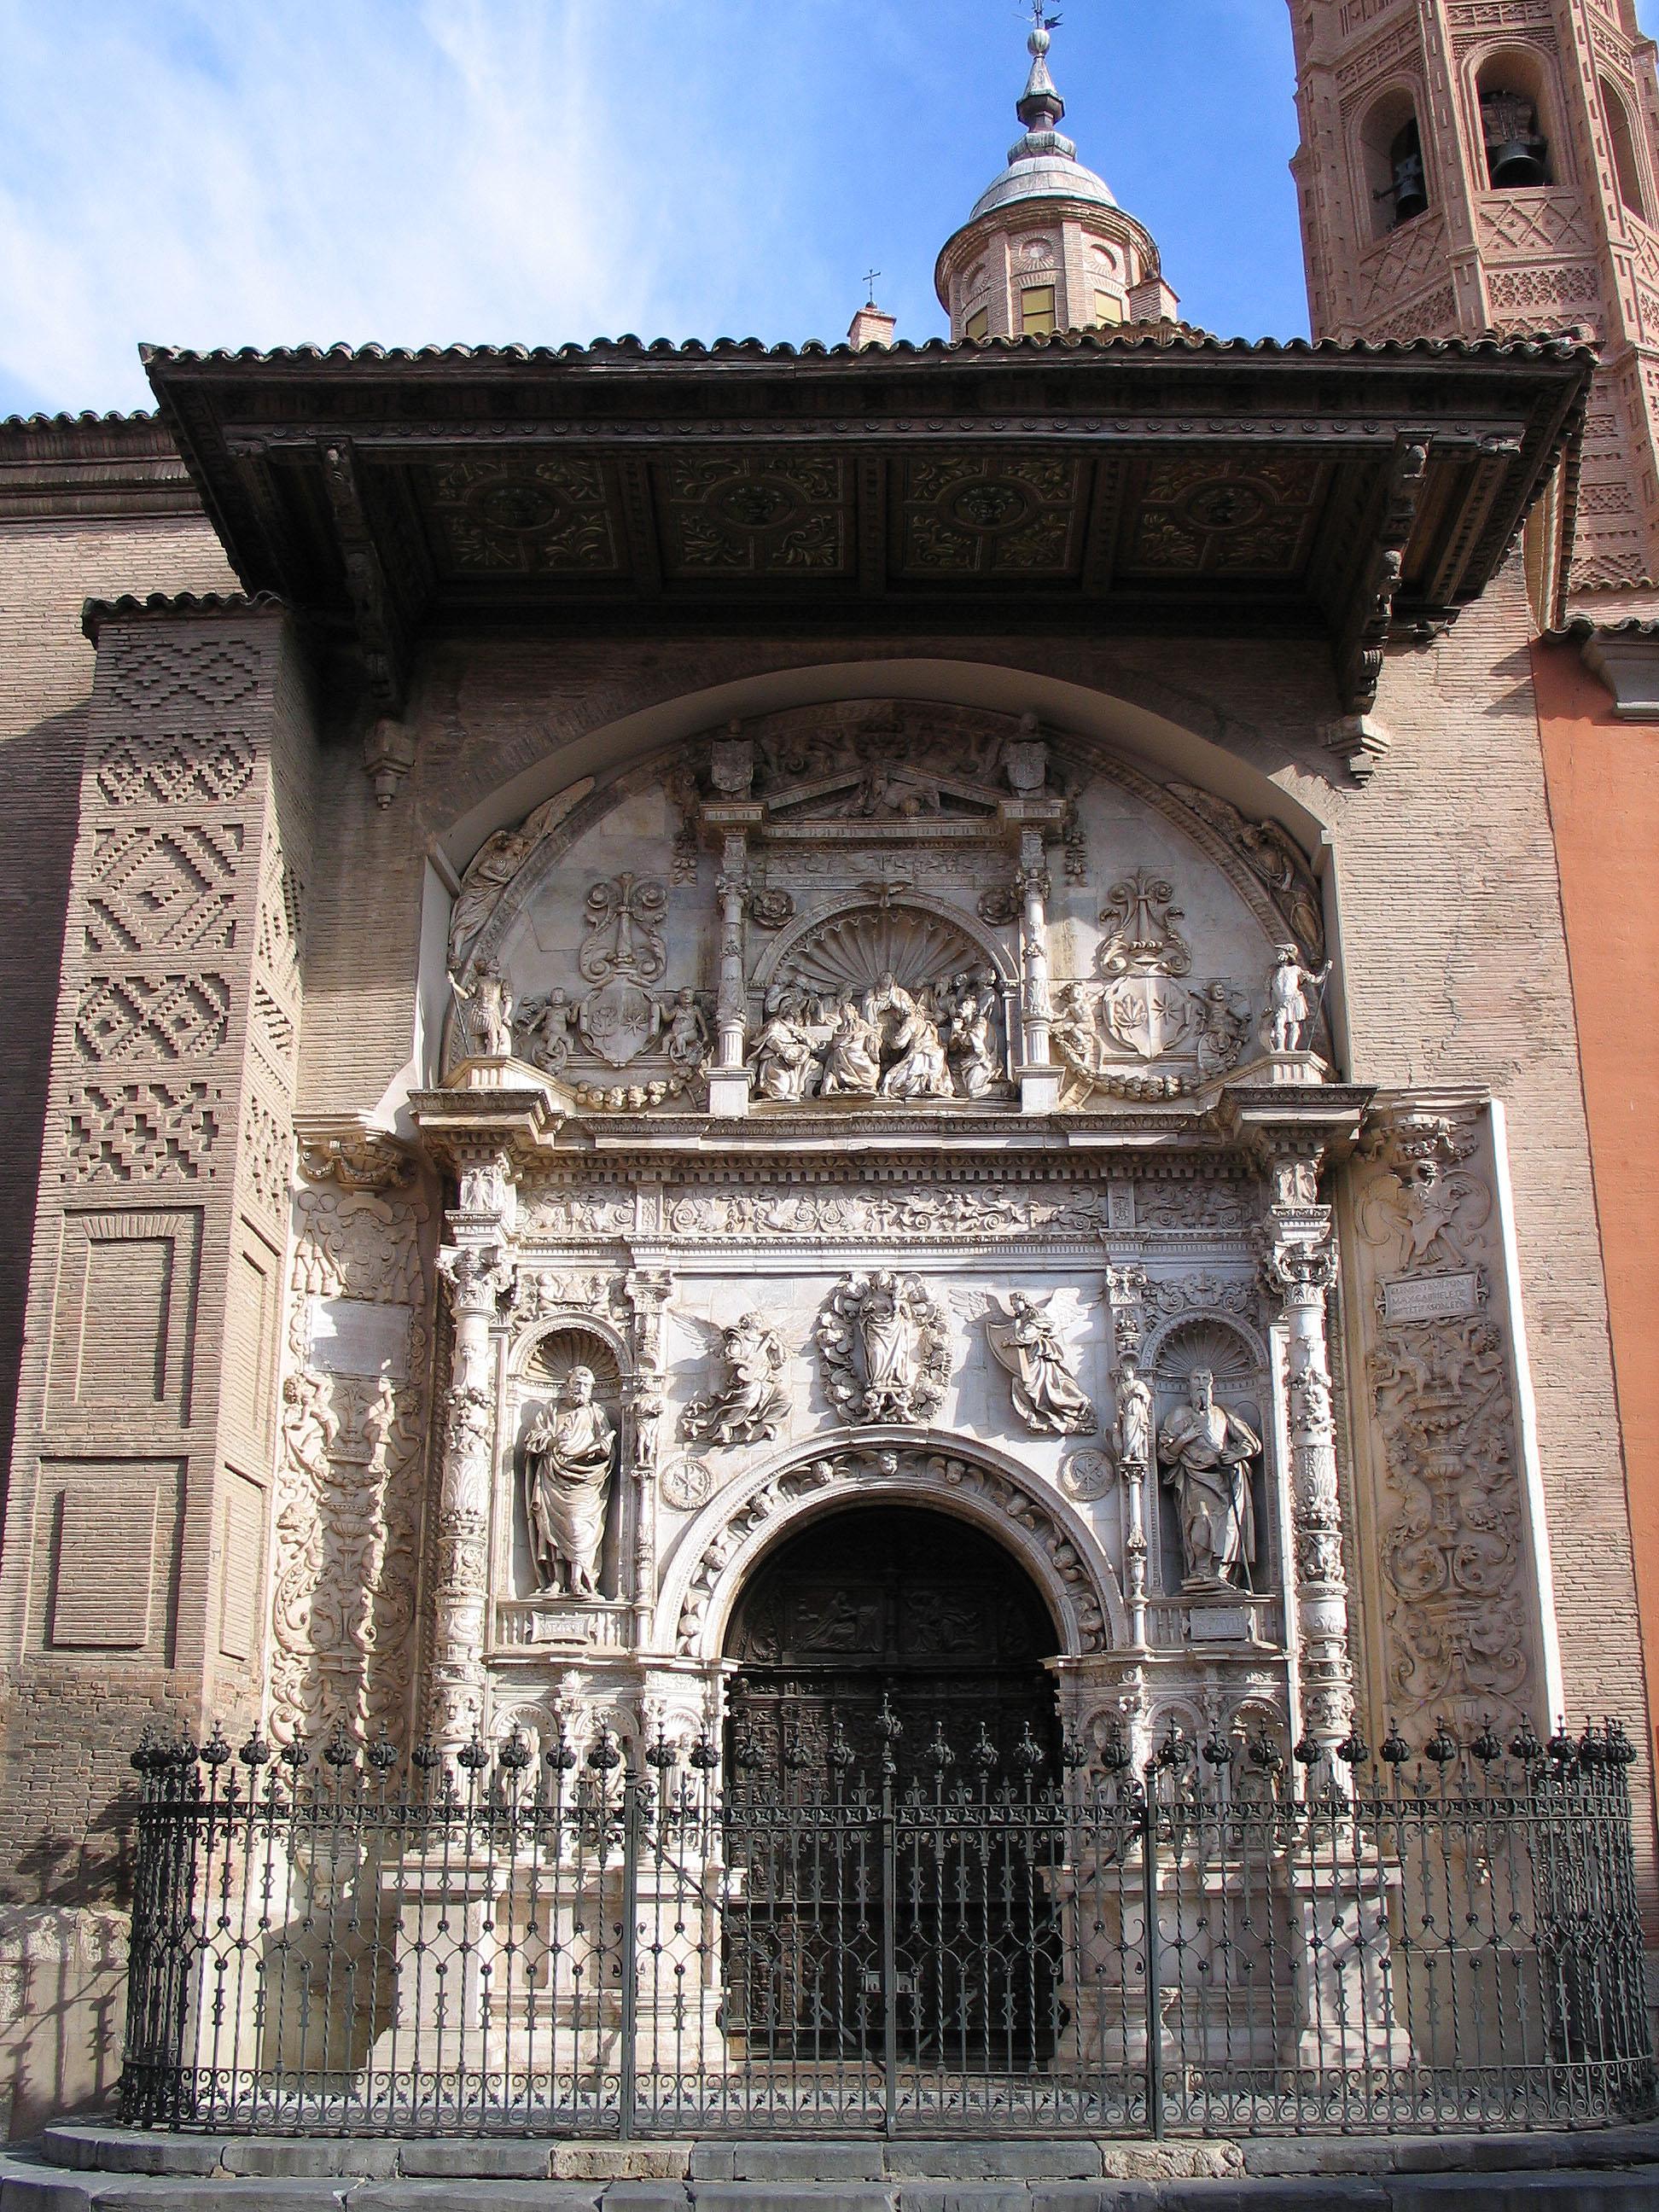 https://an.wikipedia.org/wiki/Imachen:20080817-Calatayud_Santa_Mar%C3%ADa_la_Mayor_Fachada.jpg